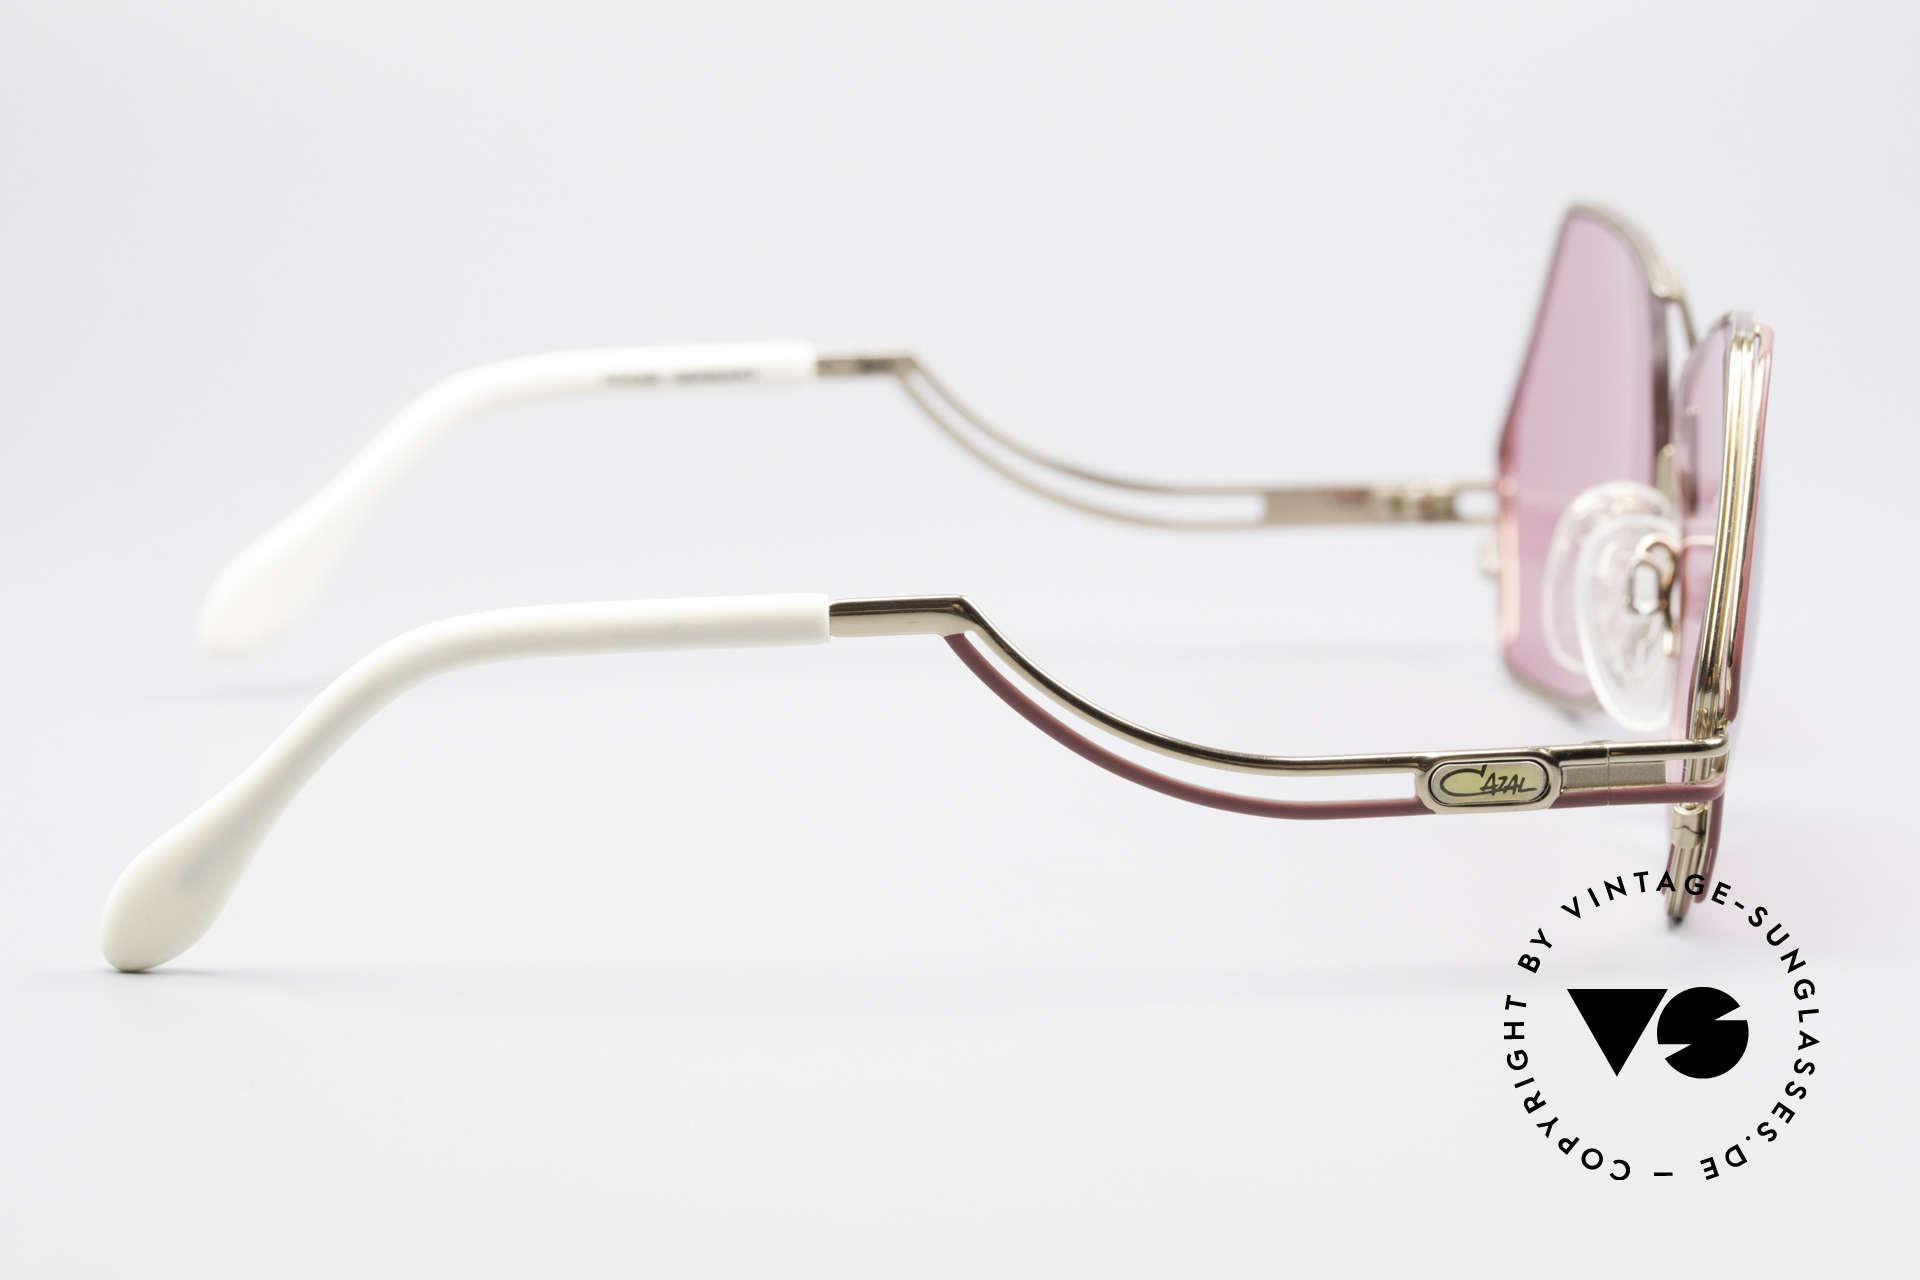 Cazal 226 Pinke Sonnenbrille Damen, KEINE Retrobrille, sondern ein einzigartiges Original!, Passend für Damen